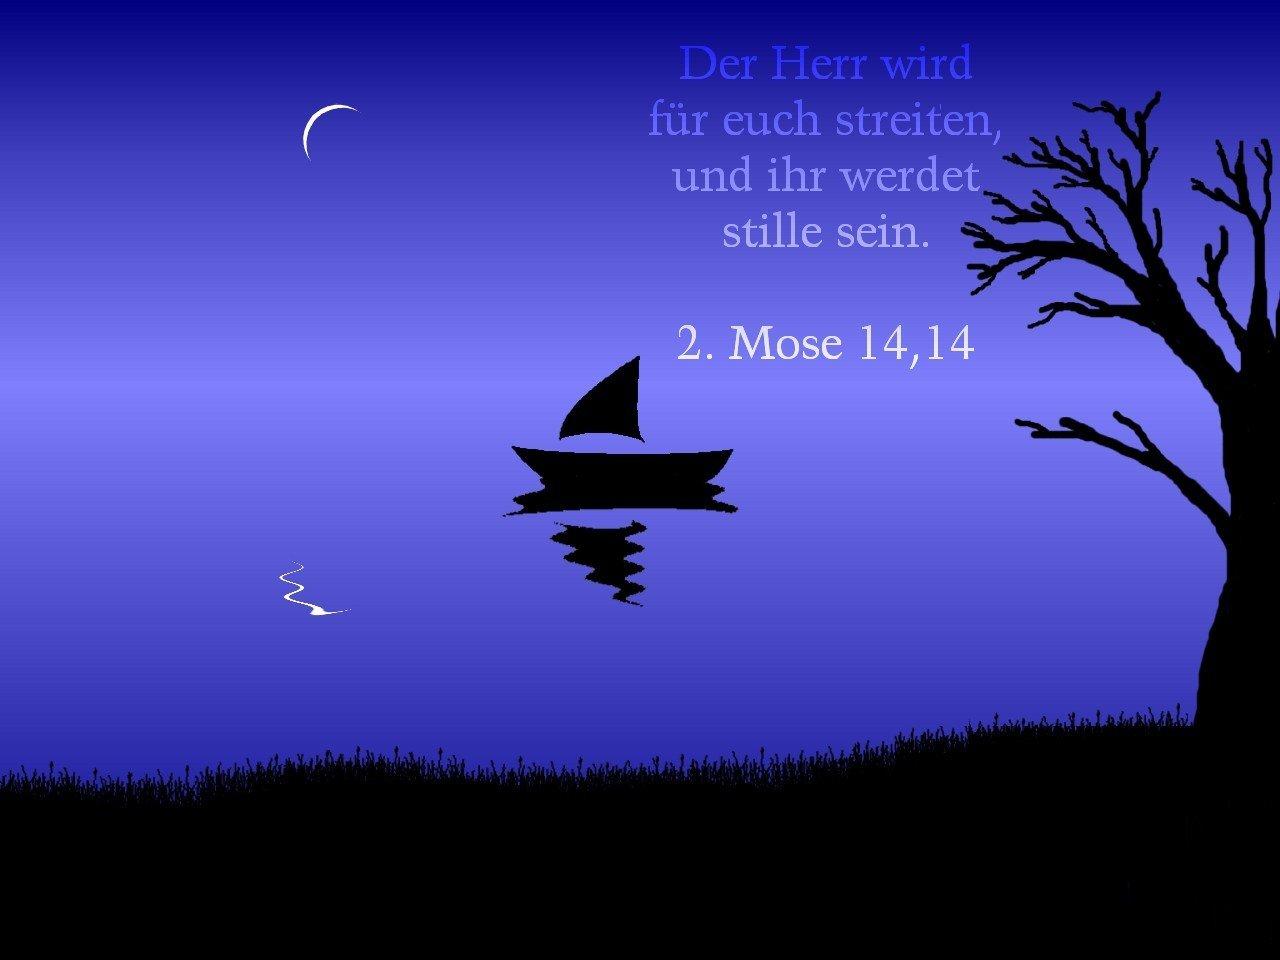 Bild nummer vier christliche hintergrundbilder - Christliche hintergrundbilder ...